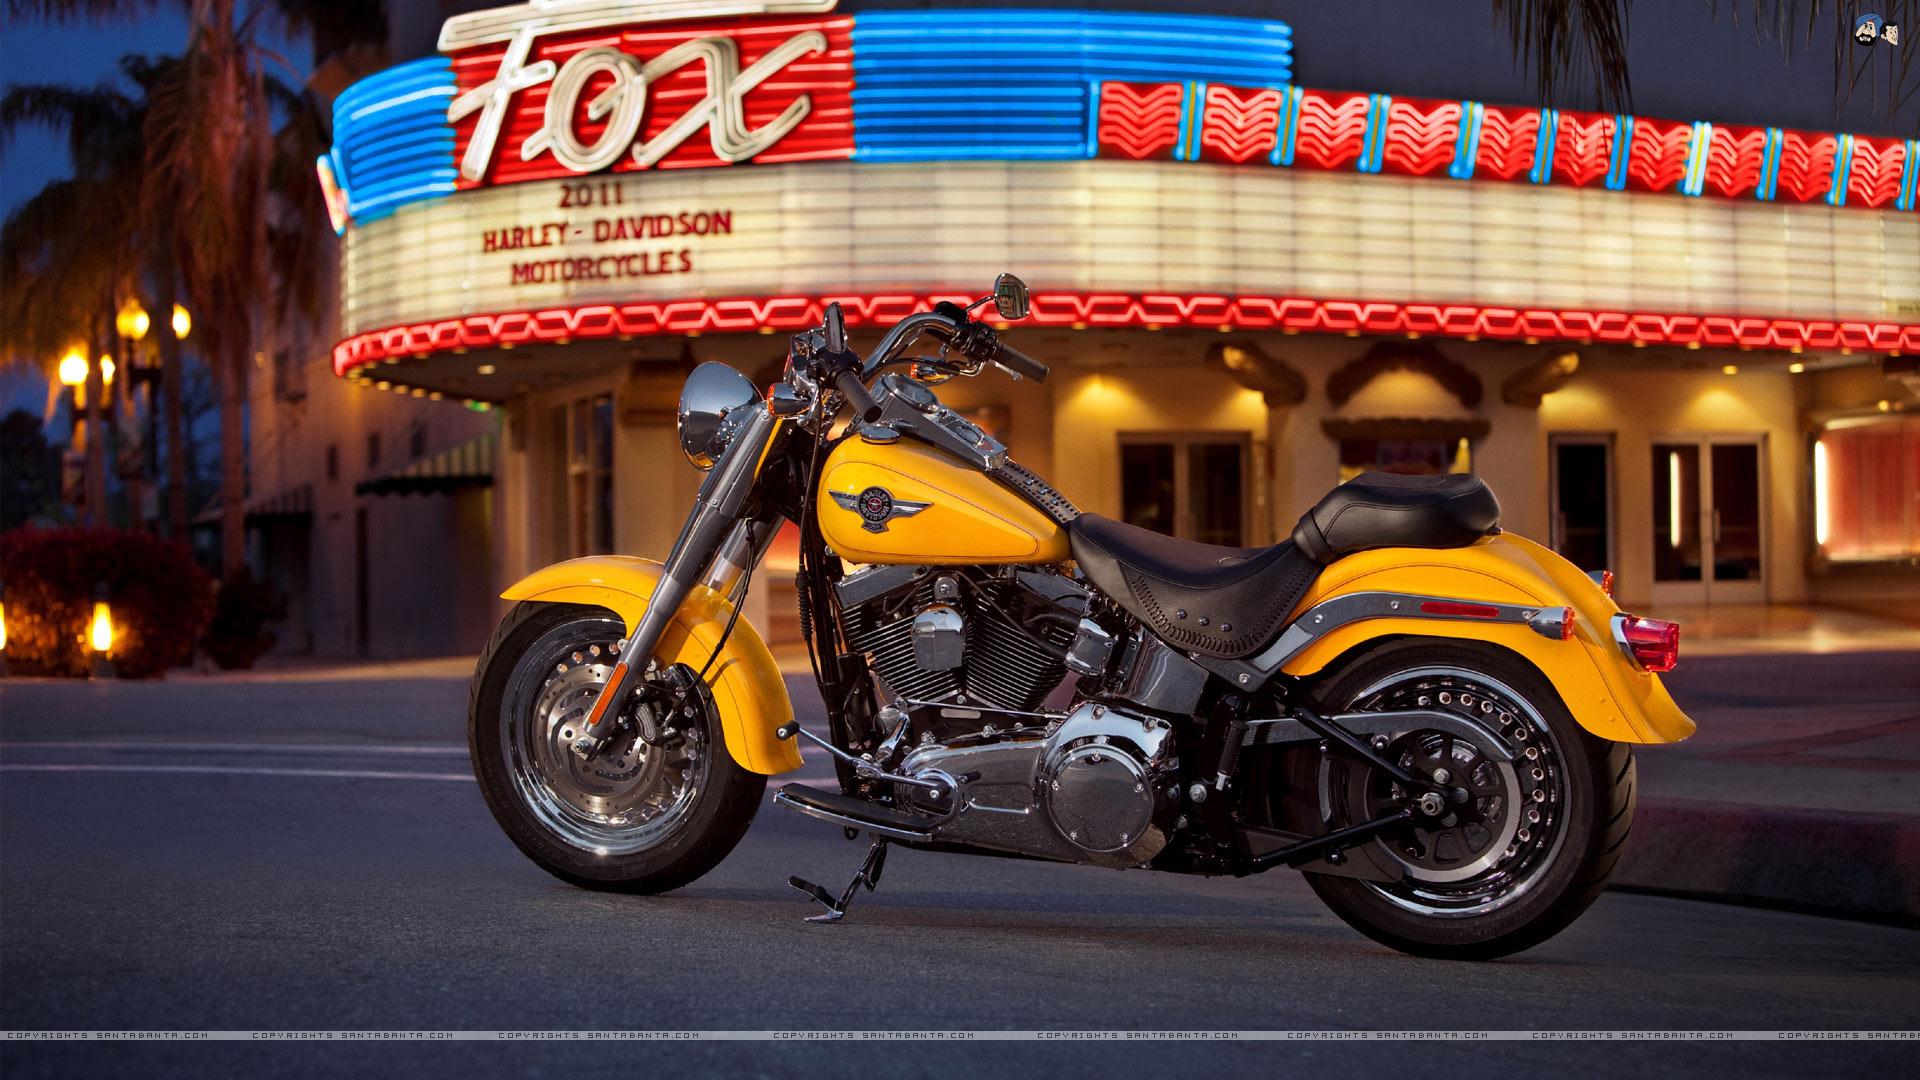 davidson harley photos bikes full x